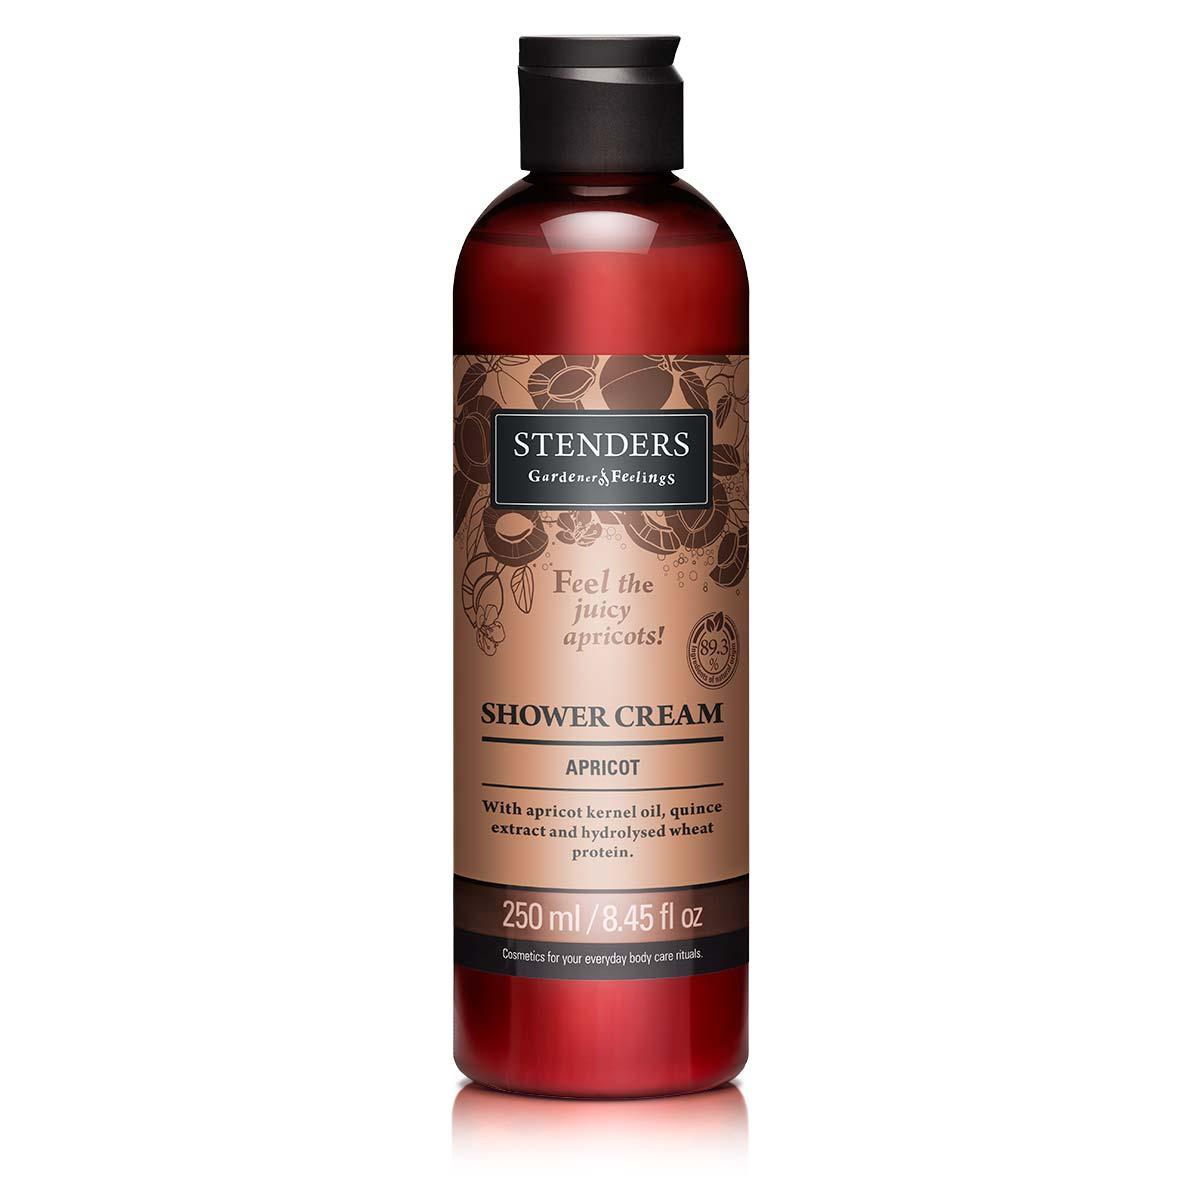 Stenders Крем для душа Абрикос, 250 млFS-00610Этот сочный ароматный крем для душа своей воздушной пеной изо дня в день будет бережно очищать кожу, даря вам ощущение свежести. Для создания ощущения мягкости и гладкости кожи состав крема обогащен маслом абрикосовых косточек, экстрактом цидонии и гидролизованным протеином пшеницы, а также обладает ароматом спелого абрикоса, который вдохновит и взбодрит.